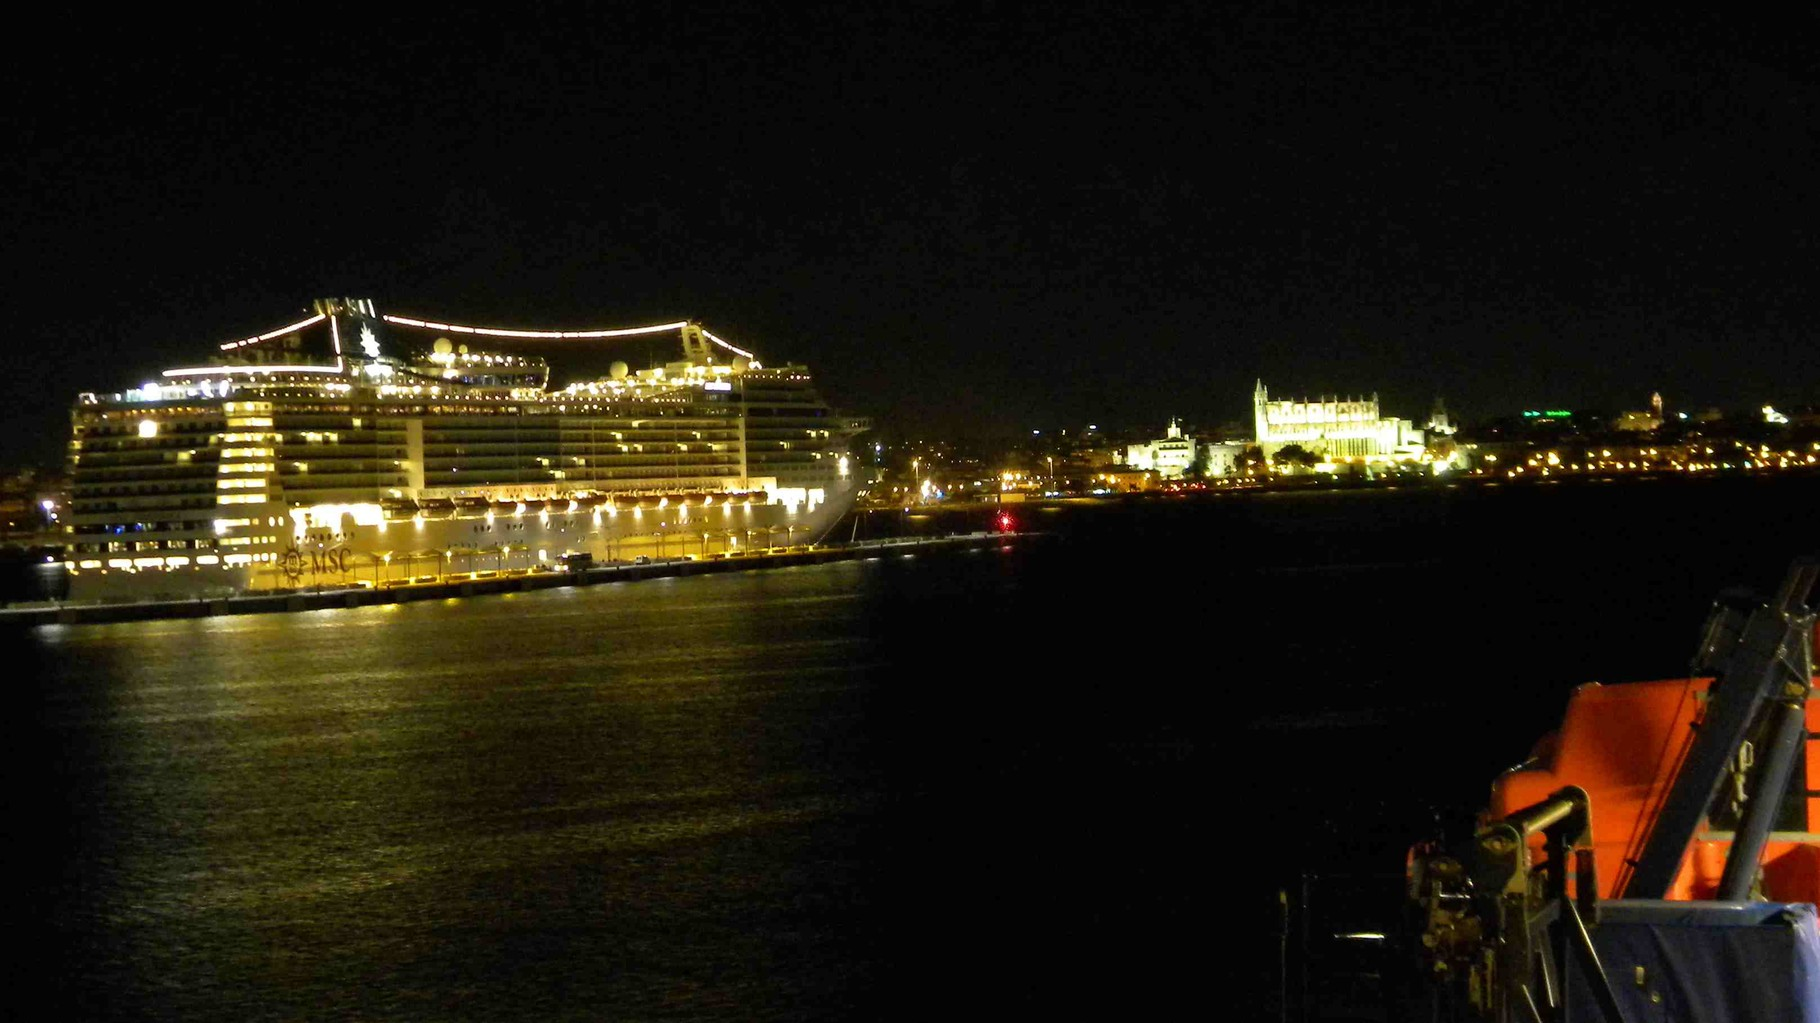 MSC-Kreuzfahrtschiff am Nordwest-Kai